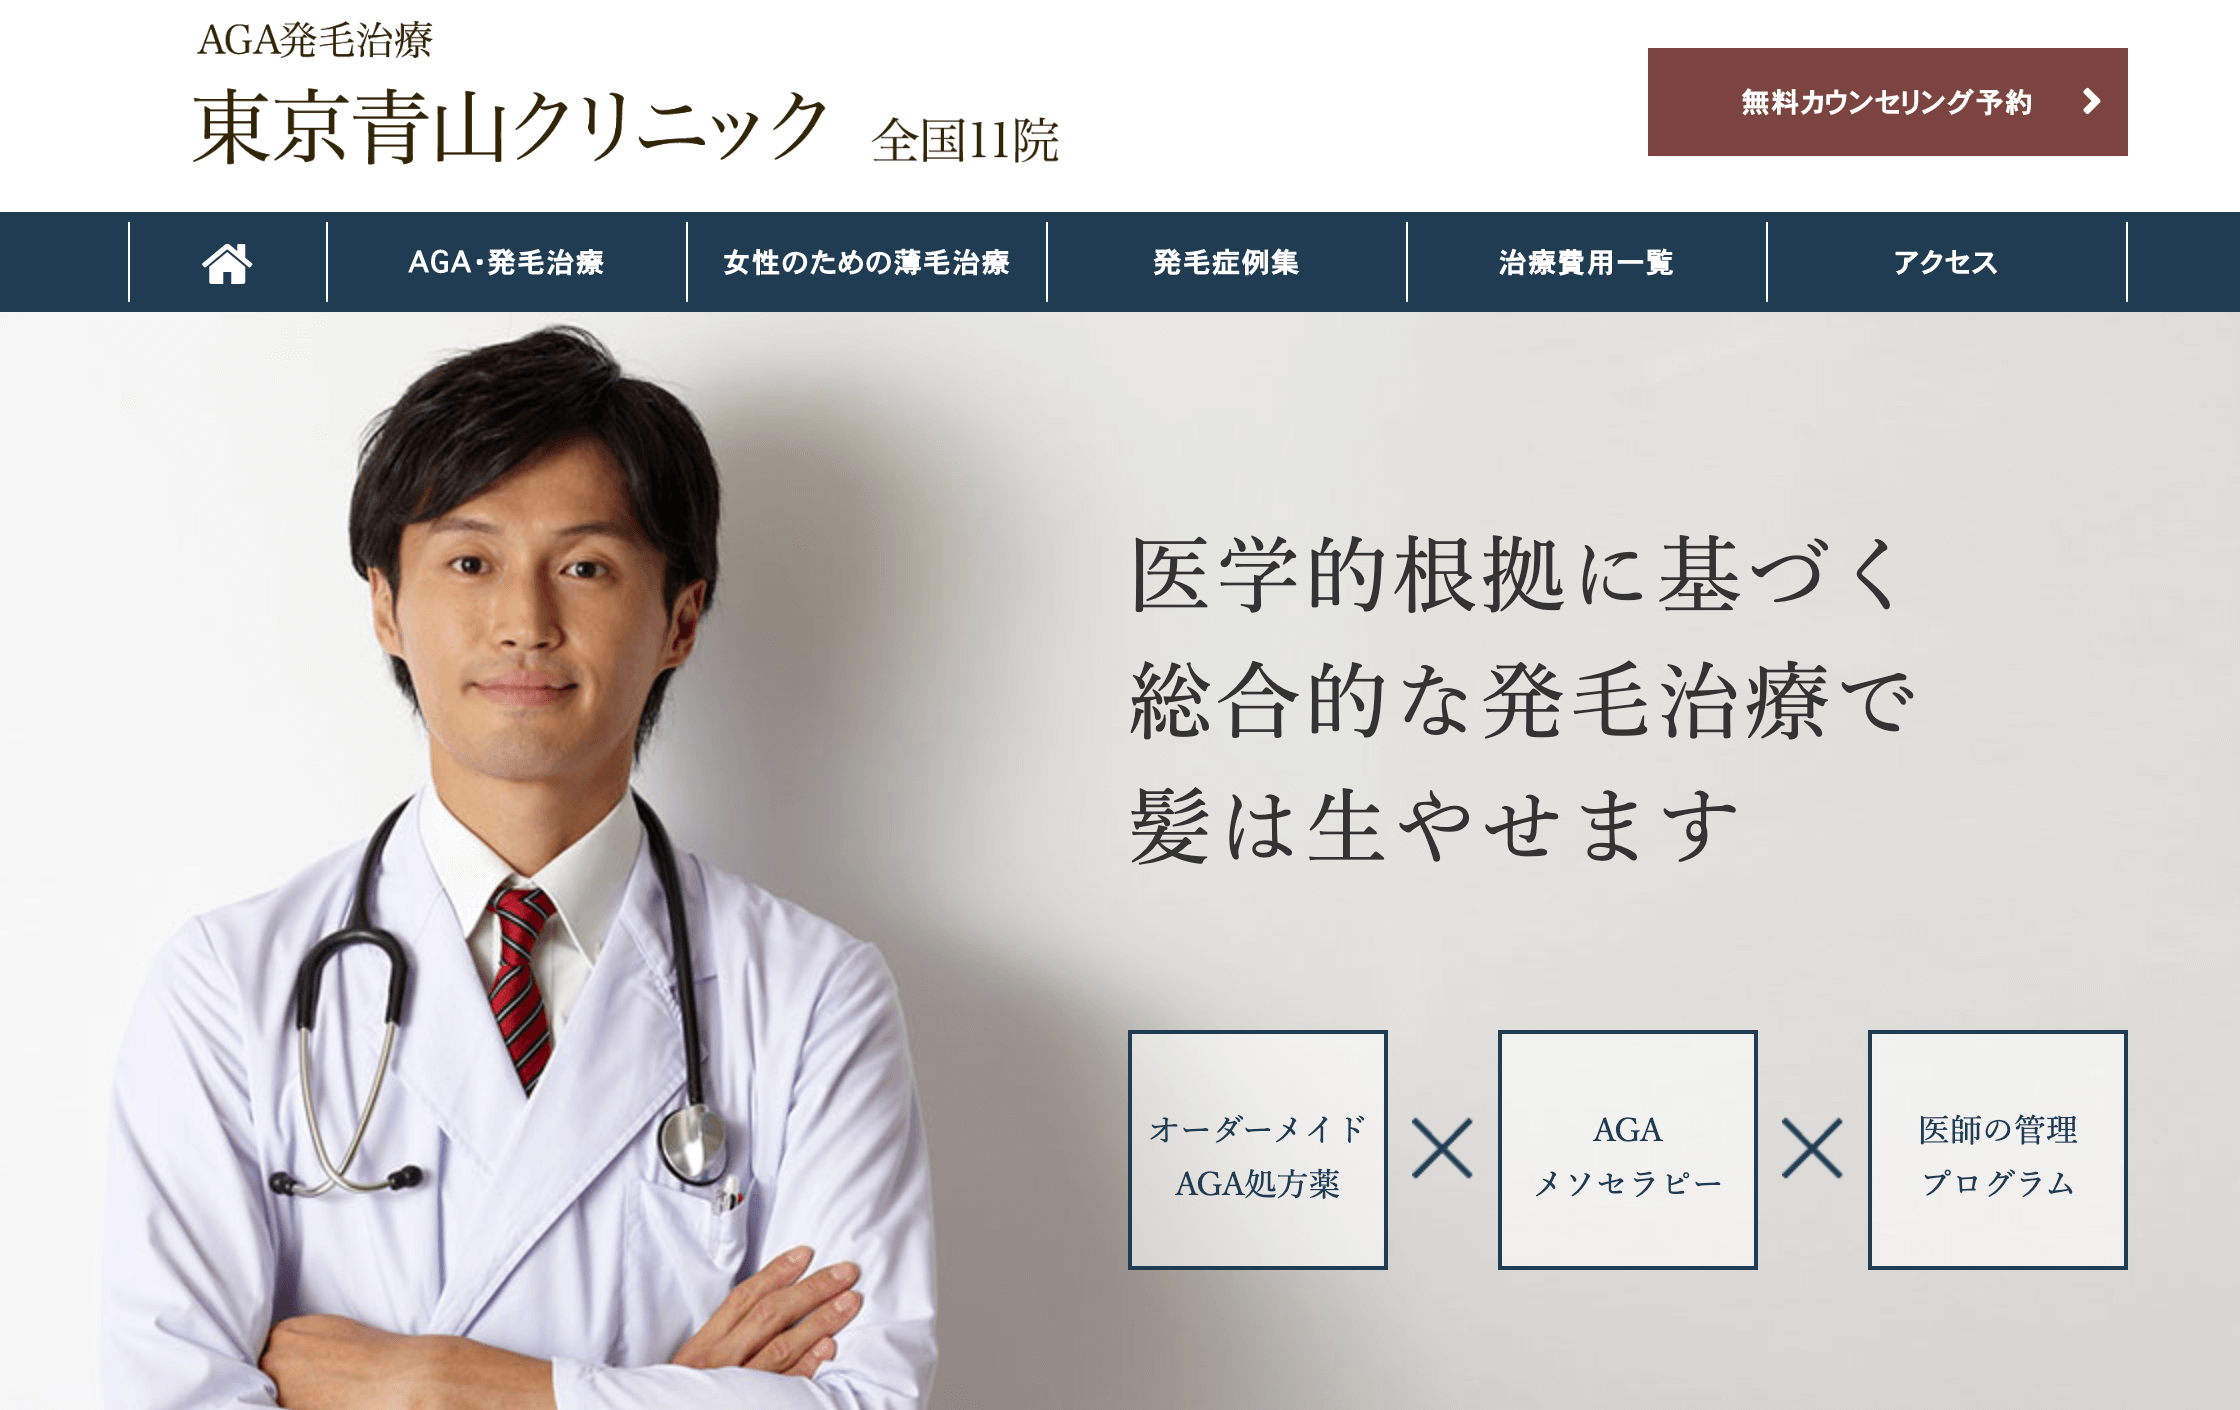 東京青山クリニックの公式ページ(2021年版)